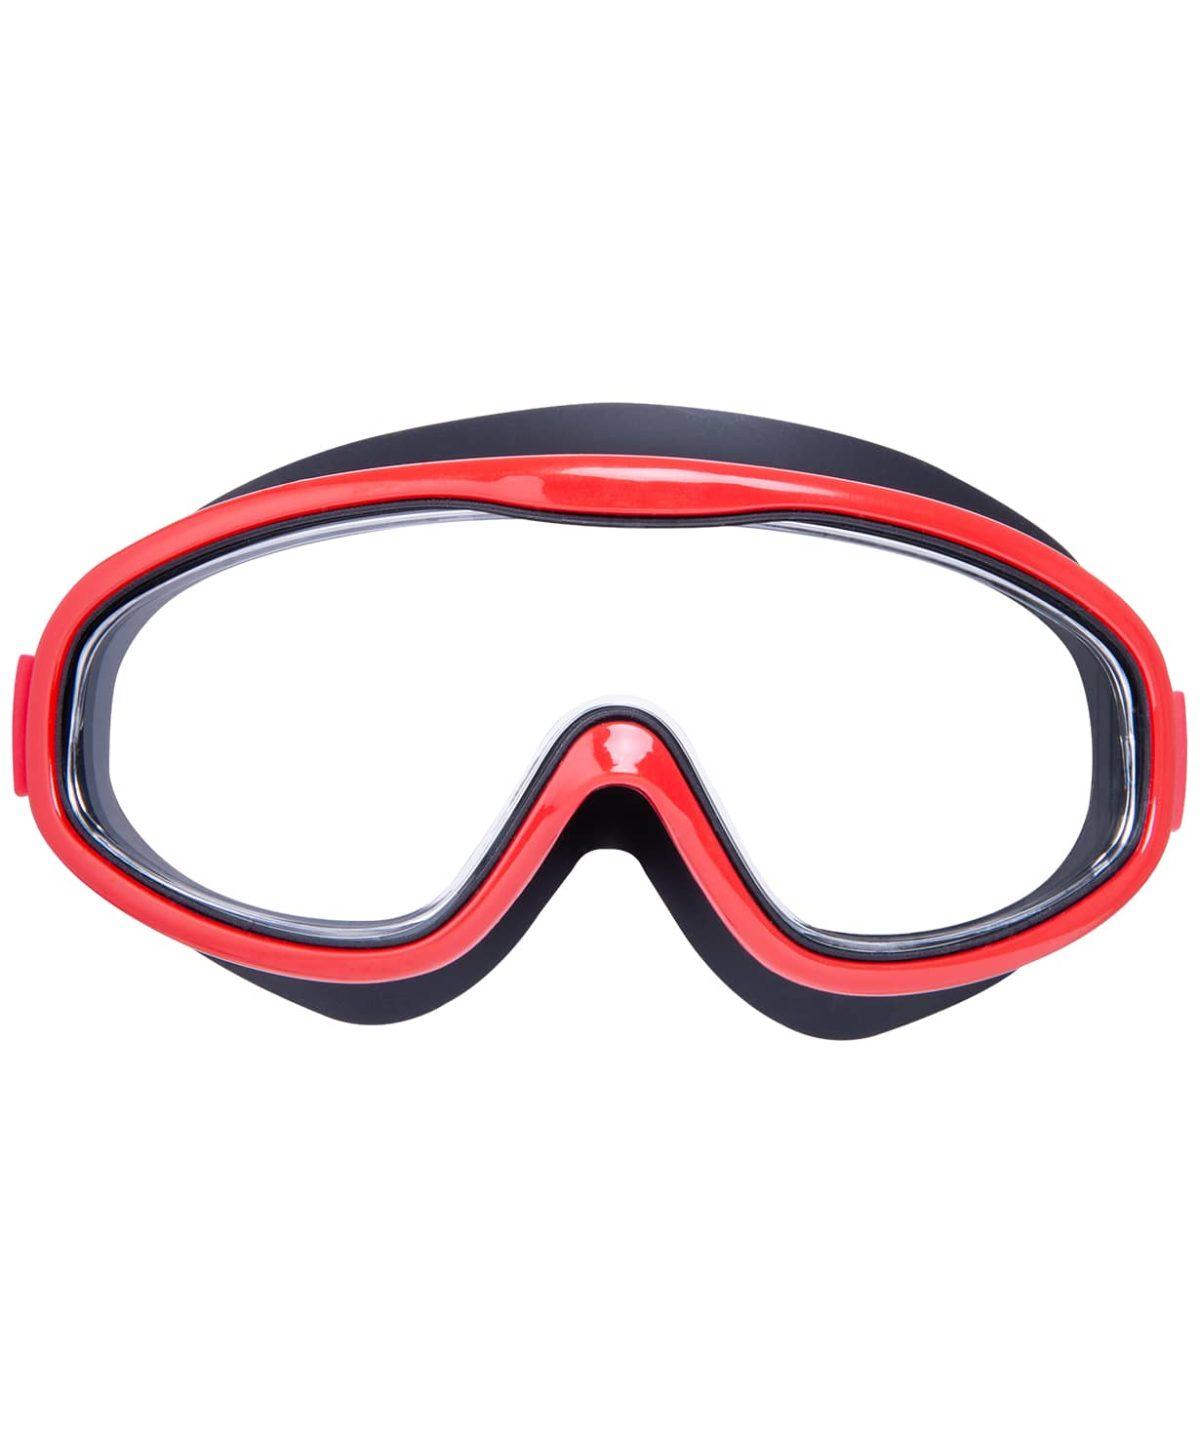 25DEGREES Маска для плавания Epix Red, детская  25D03-EX19-20-31-0 - 3